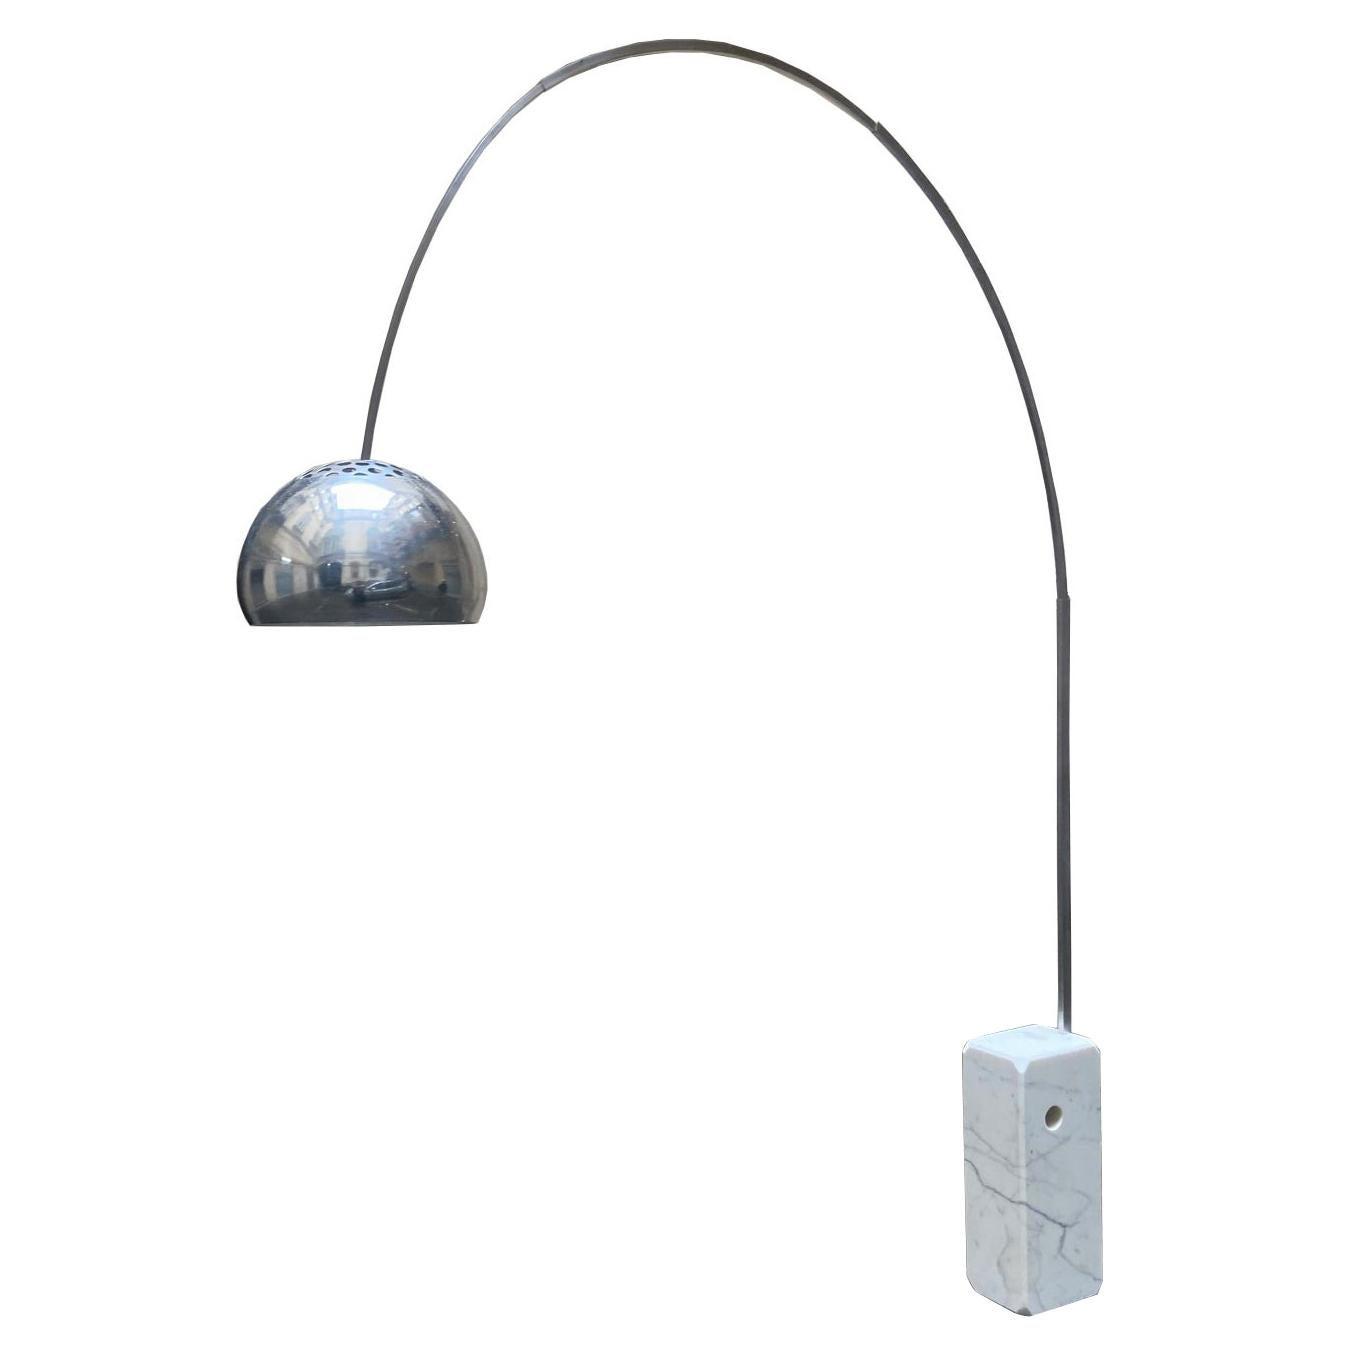 """Achille & Piergiacomo Castiglioni for Flos """"Arco"""" Floor Lamp, Italy, 1960s"""